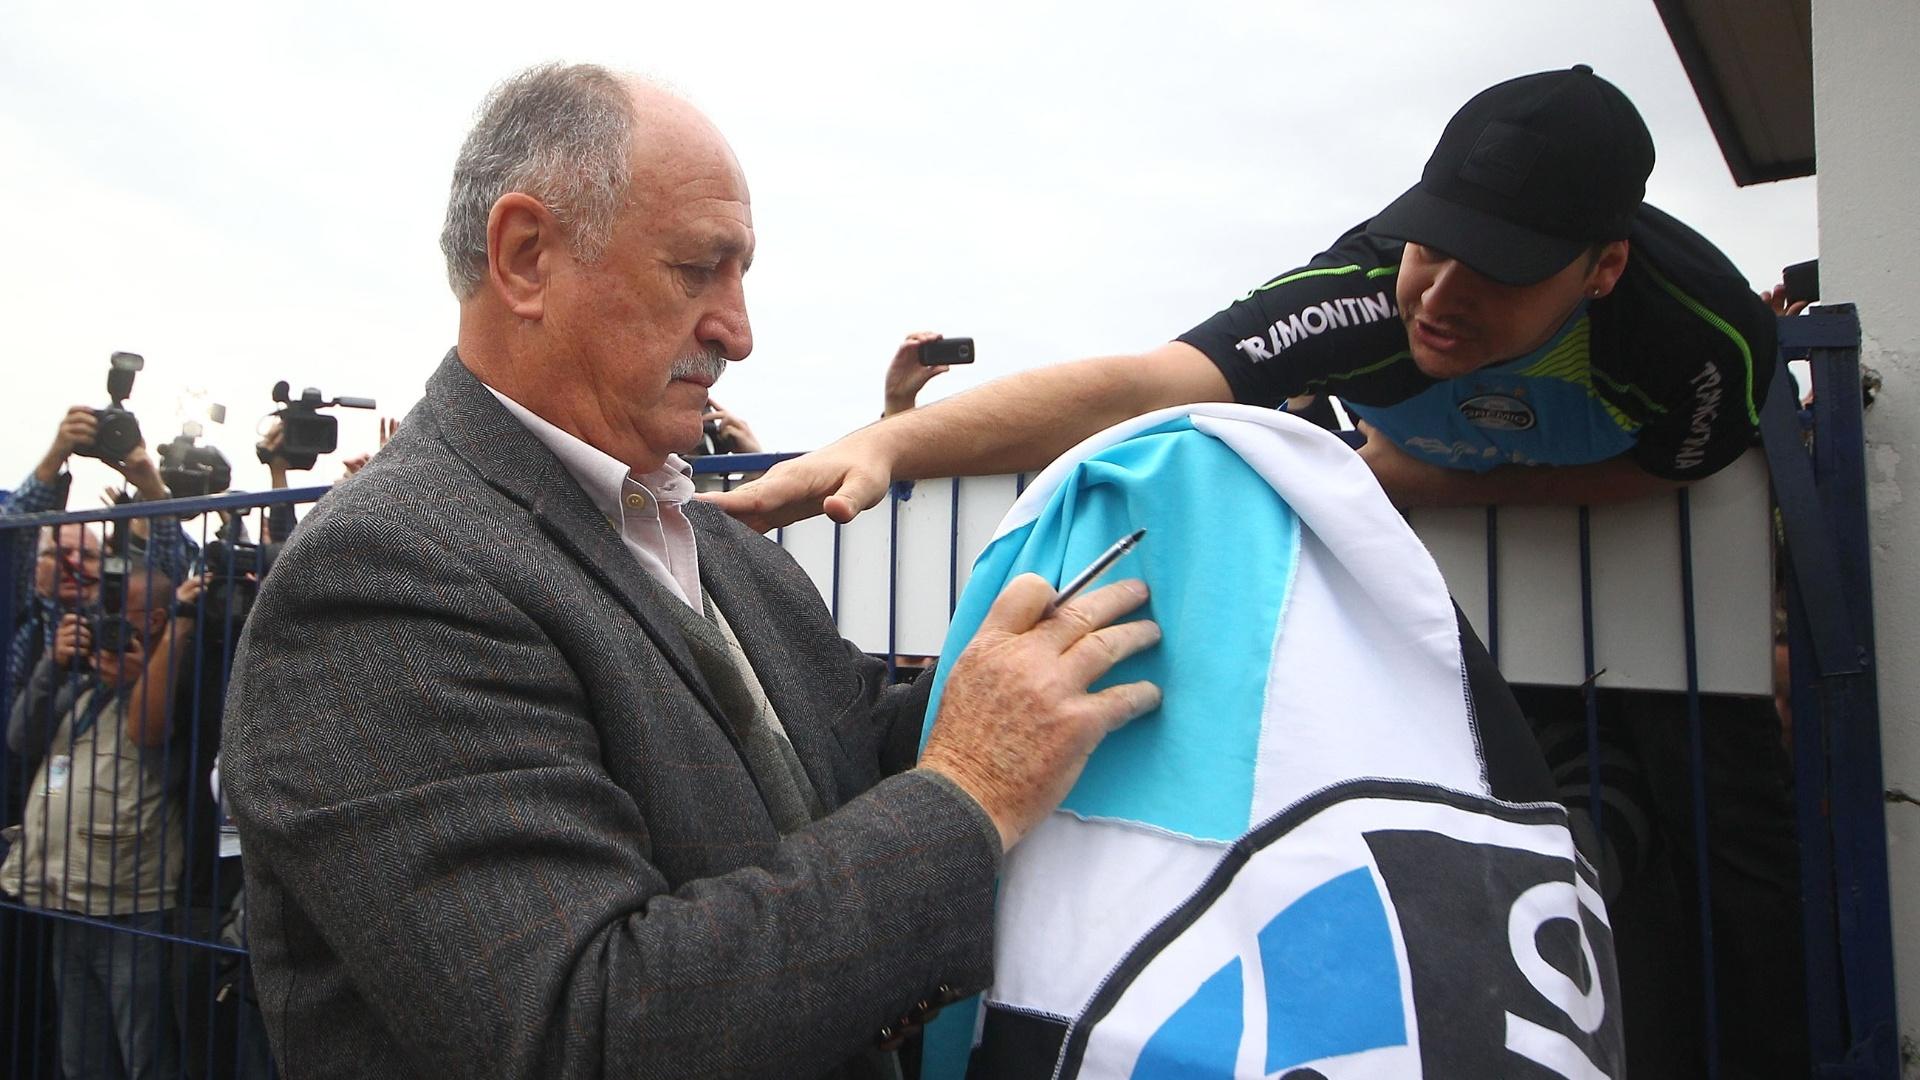 30.07.2014 - Felipão assina bandeira do Grêmio